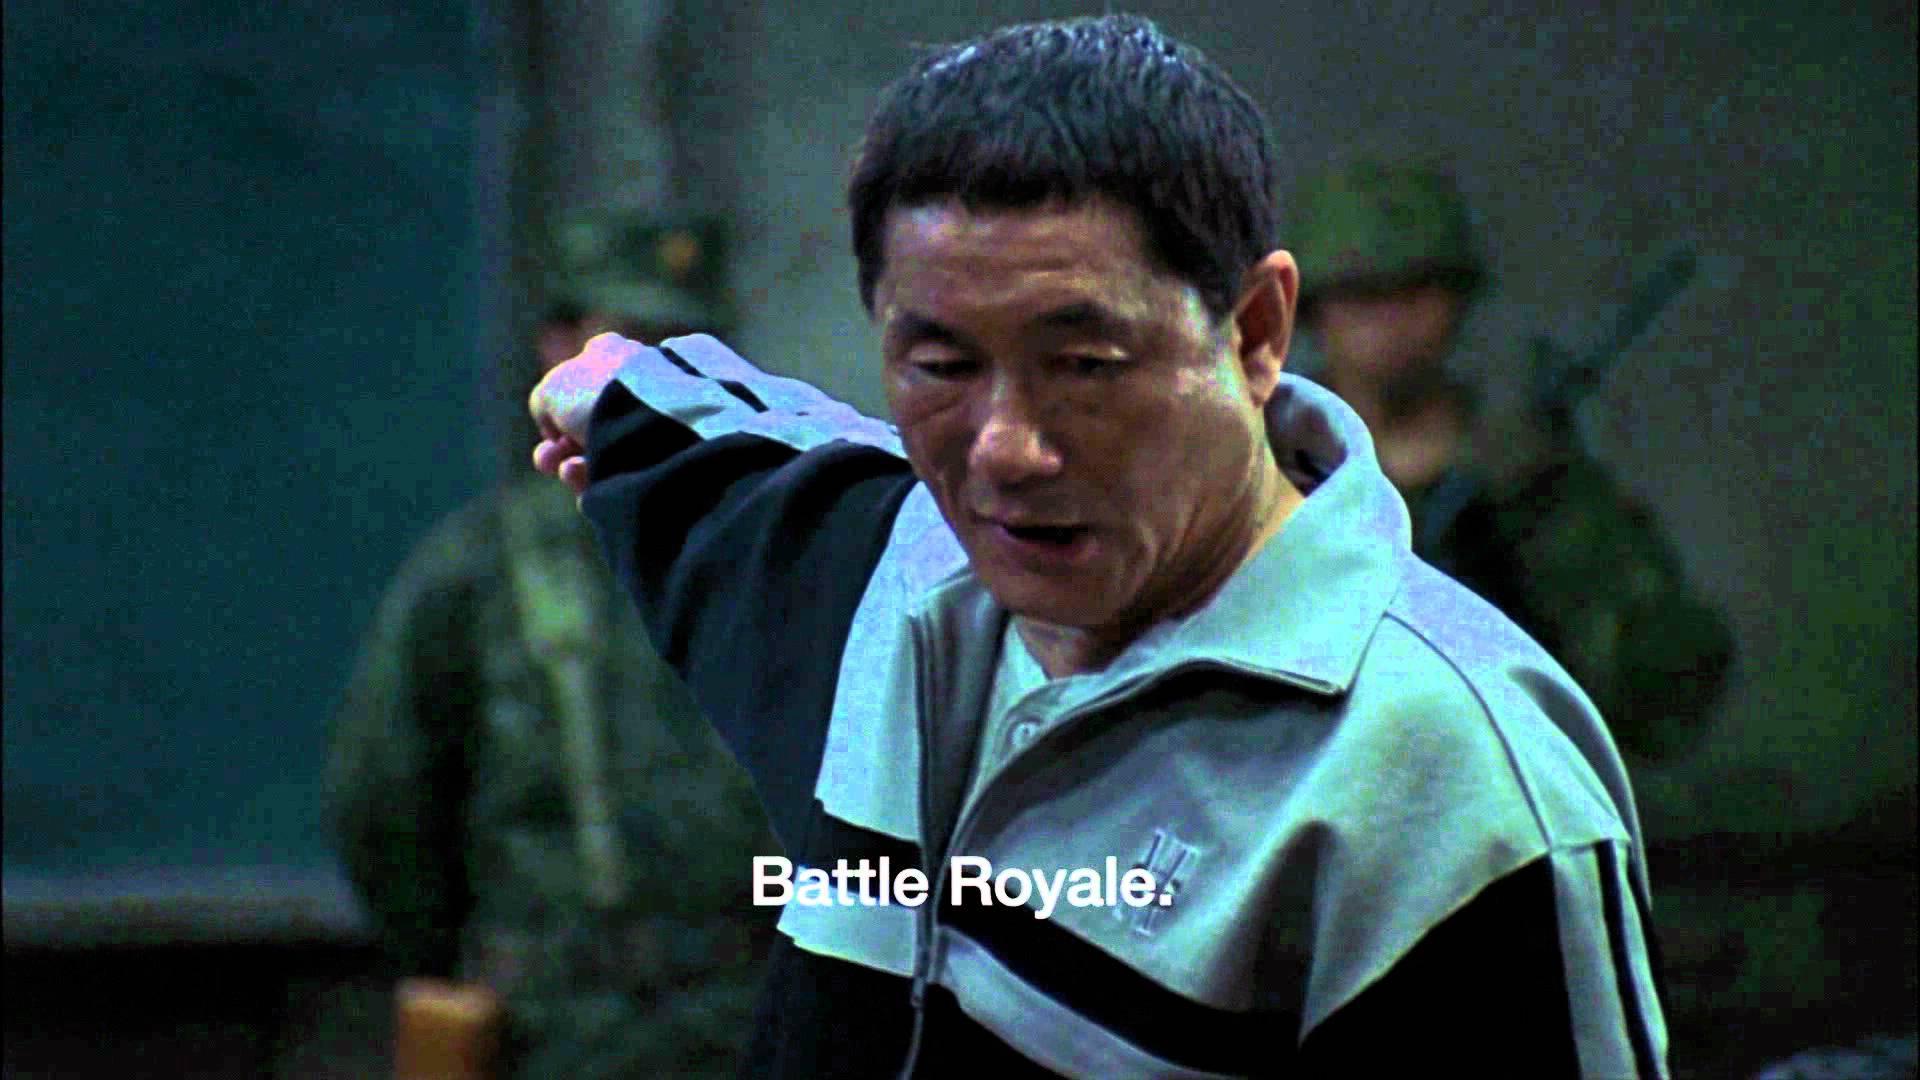 Jag blir alltid sugen på att se den japanska klassikern Battle Royale då PUBG kommer på tal.